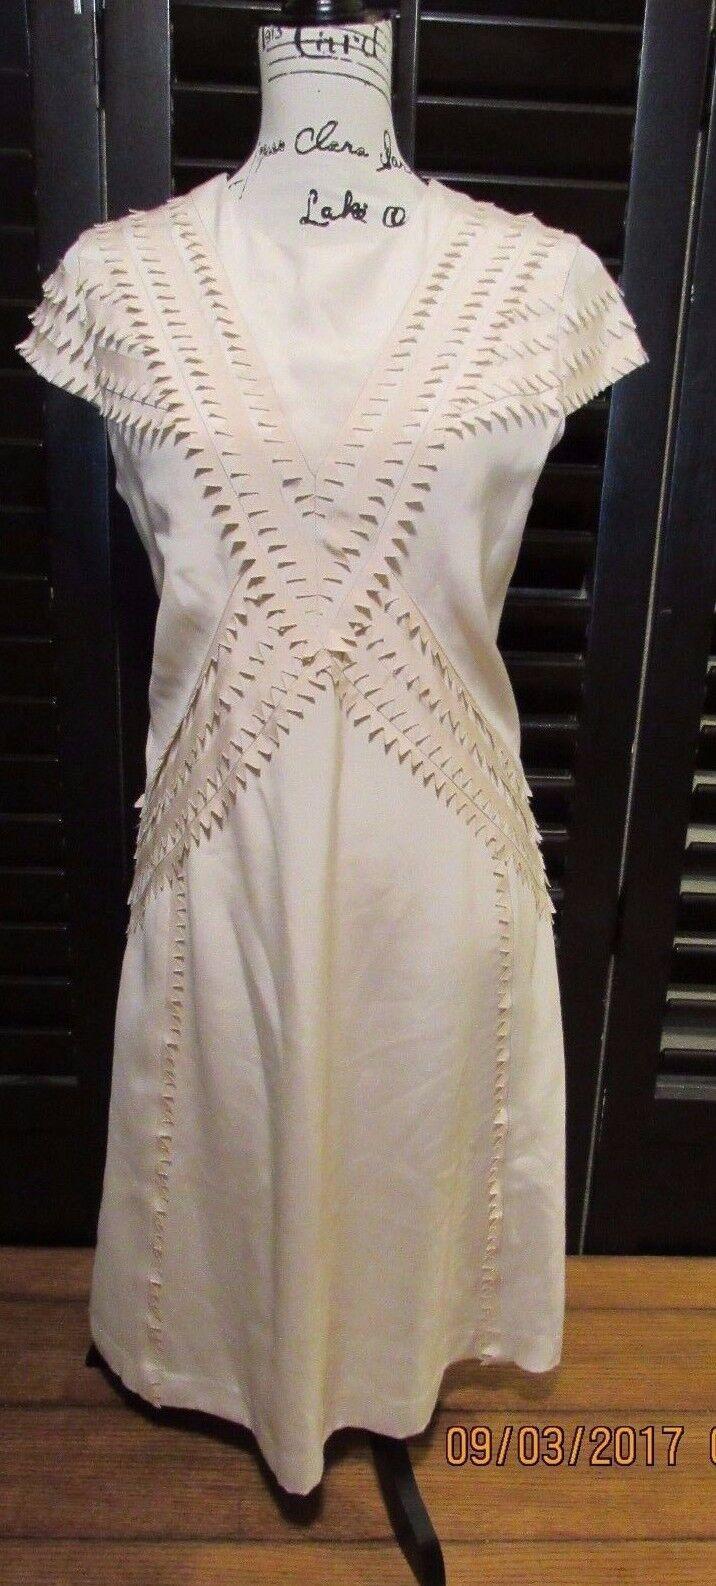 Nuevo con etiquetas Charles Youssef Original  Diseño Zigzag Cruz Con Textura Marfil Vestido Talla 8  forma única